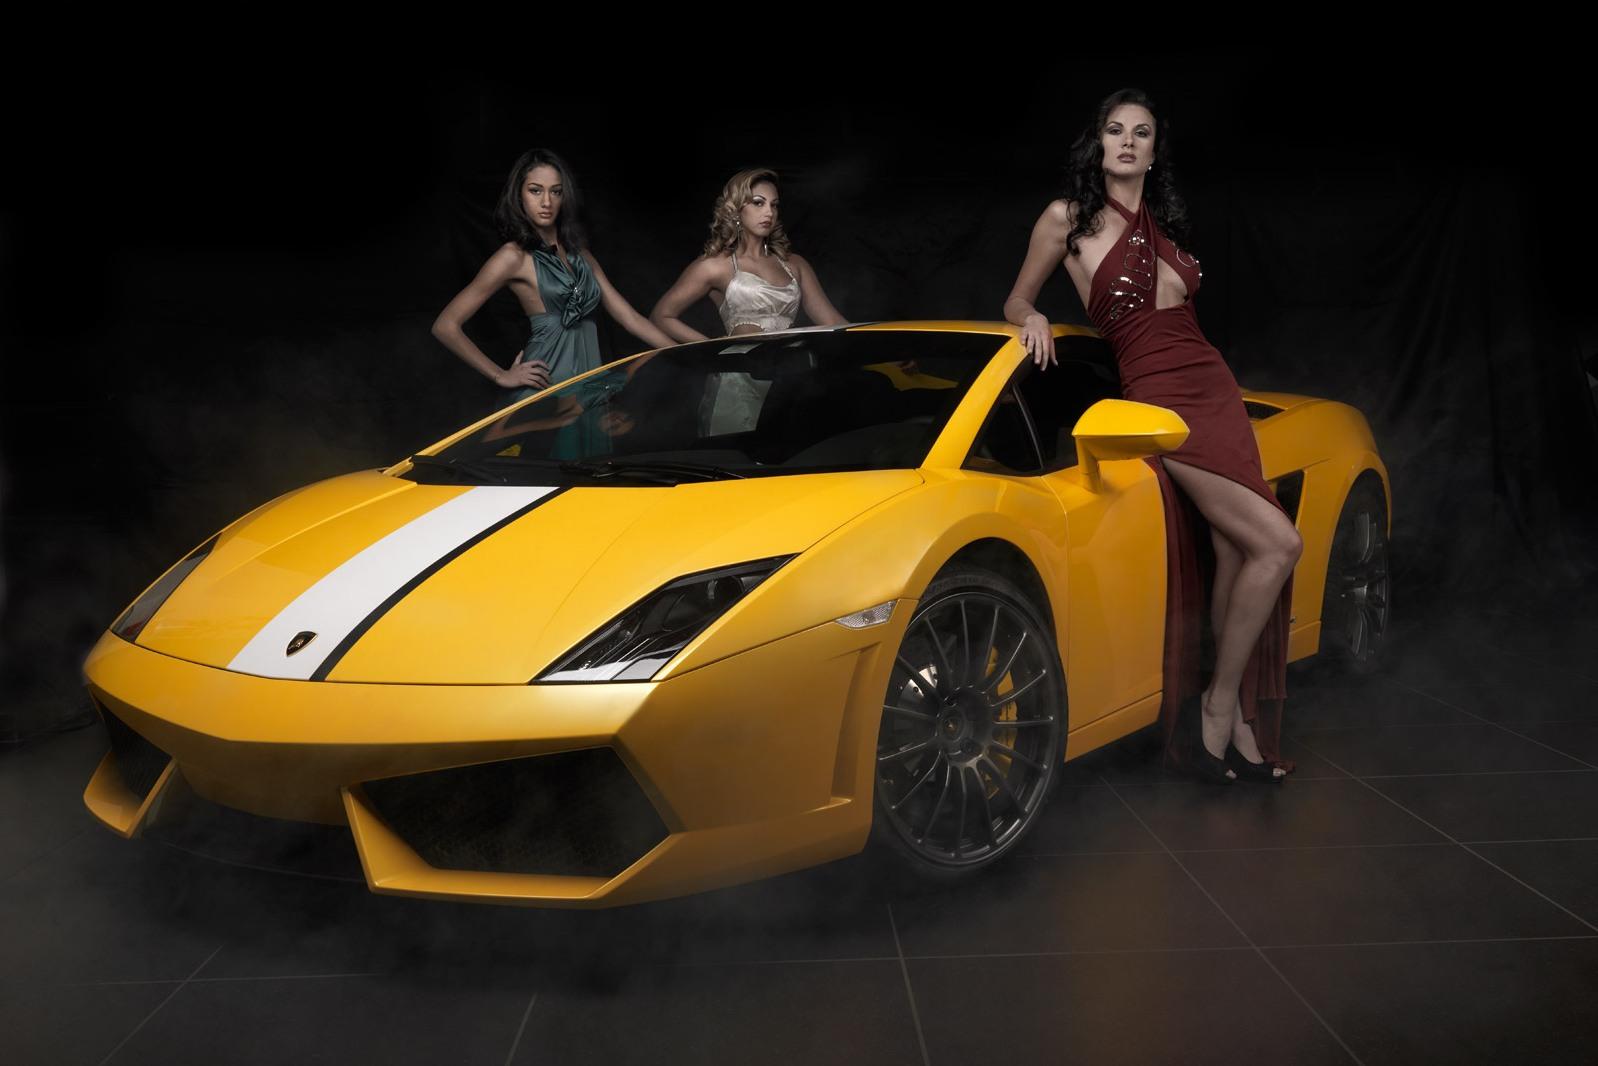 Lamborghini Lp550 2 Balboni Beautiful Car Beautiful